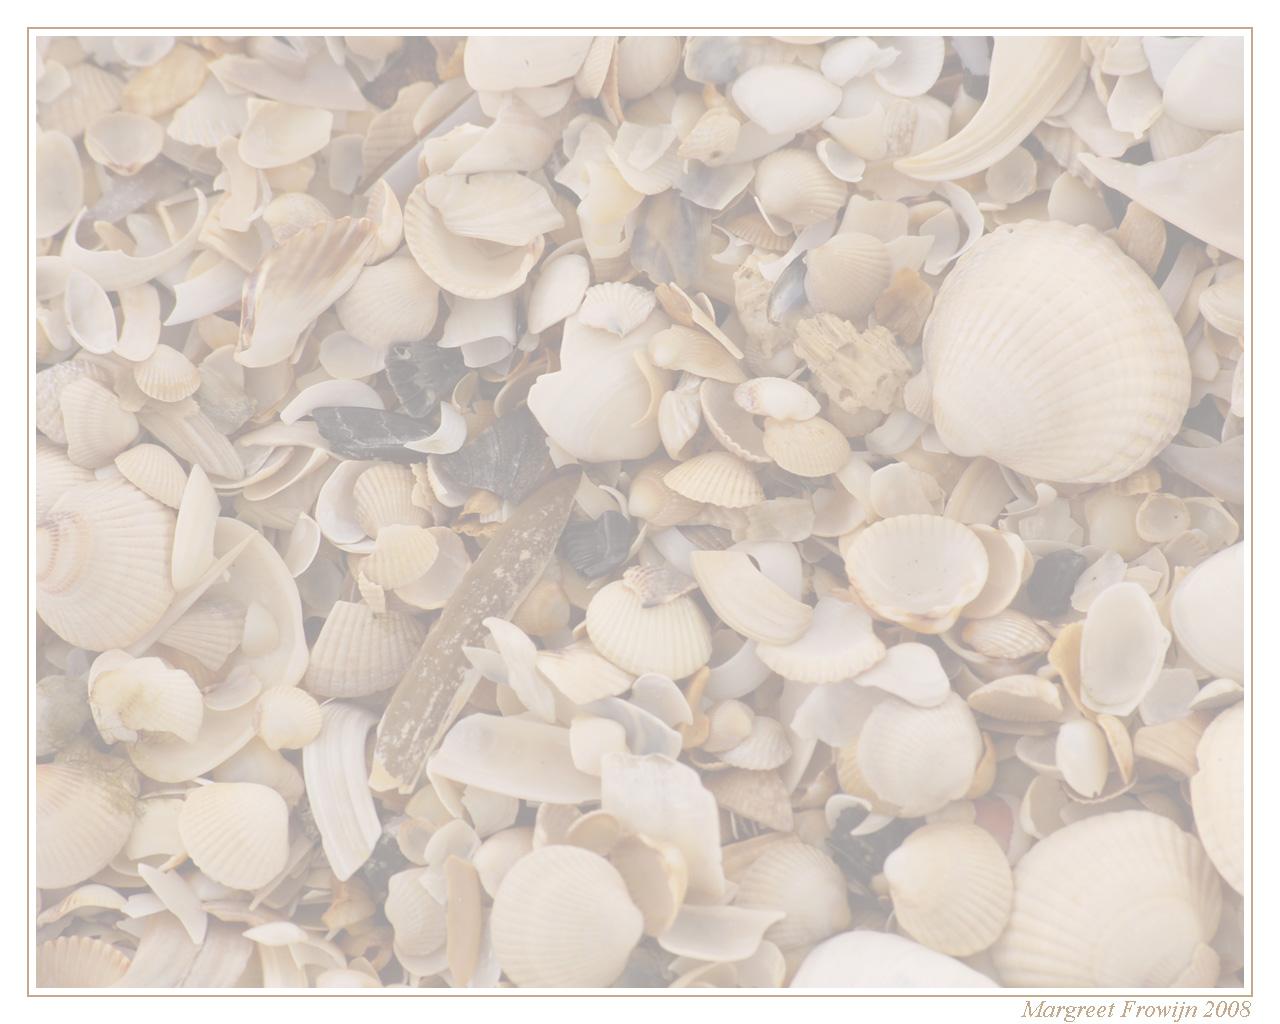 wallpaper, wallpapers, achtergrond, achtergronden, schelp, schelpen